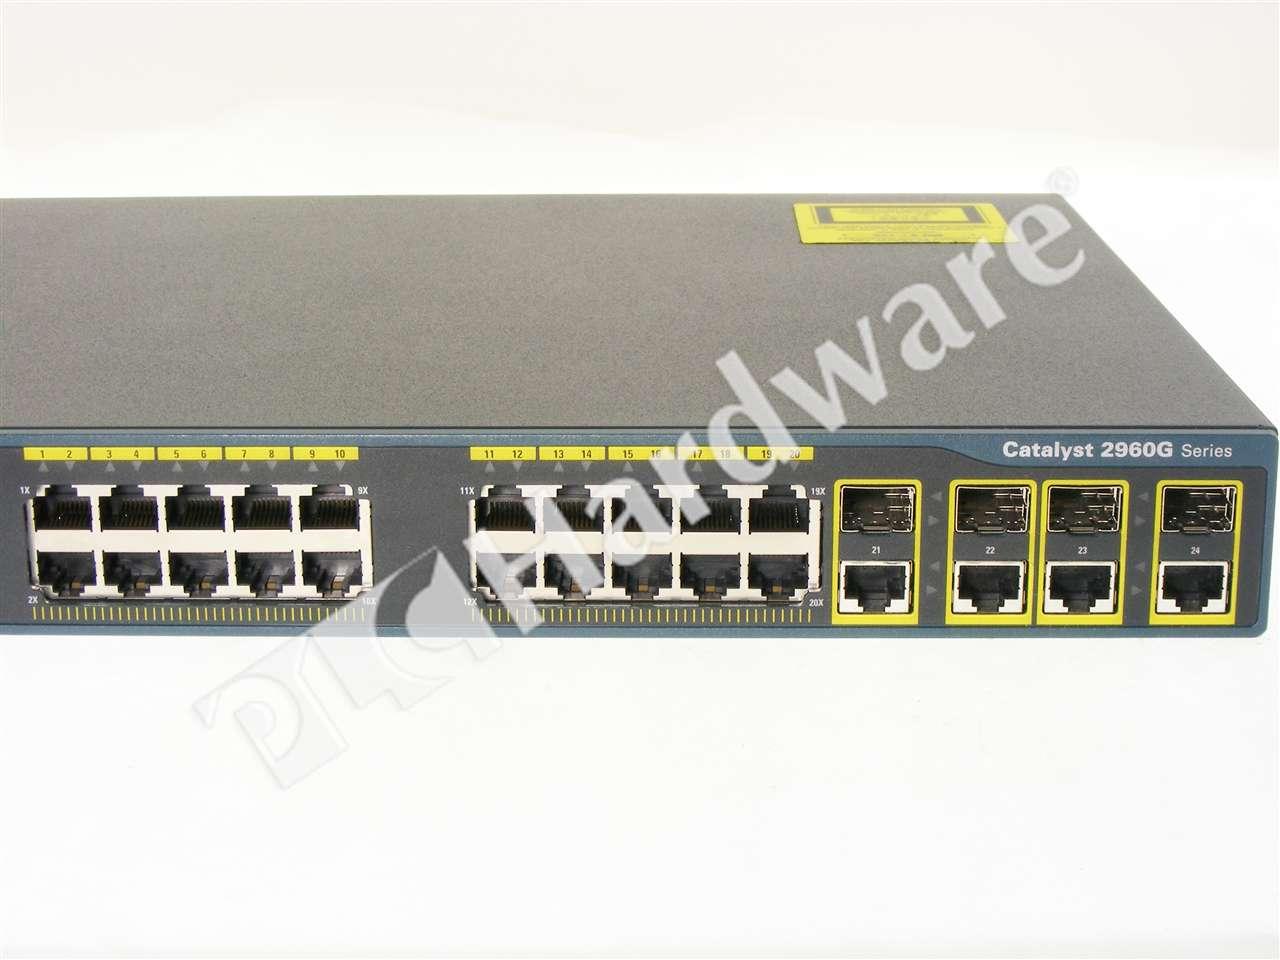 Cisco Ws c2960g 24tc l manual